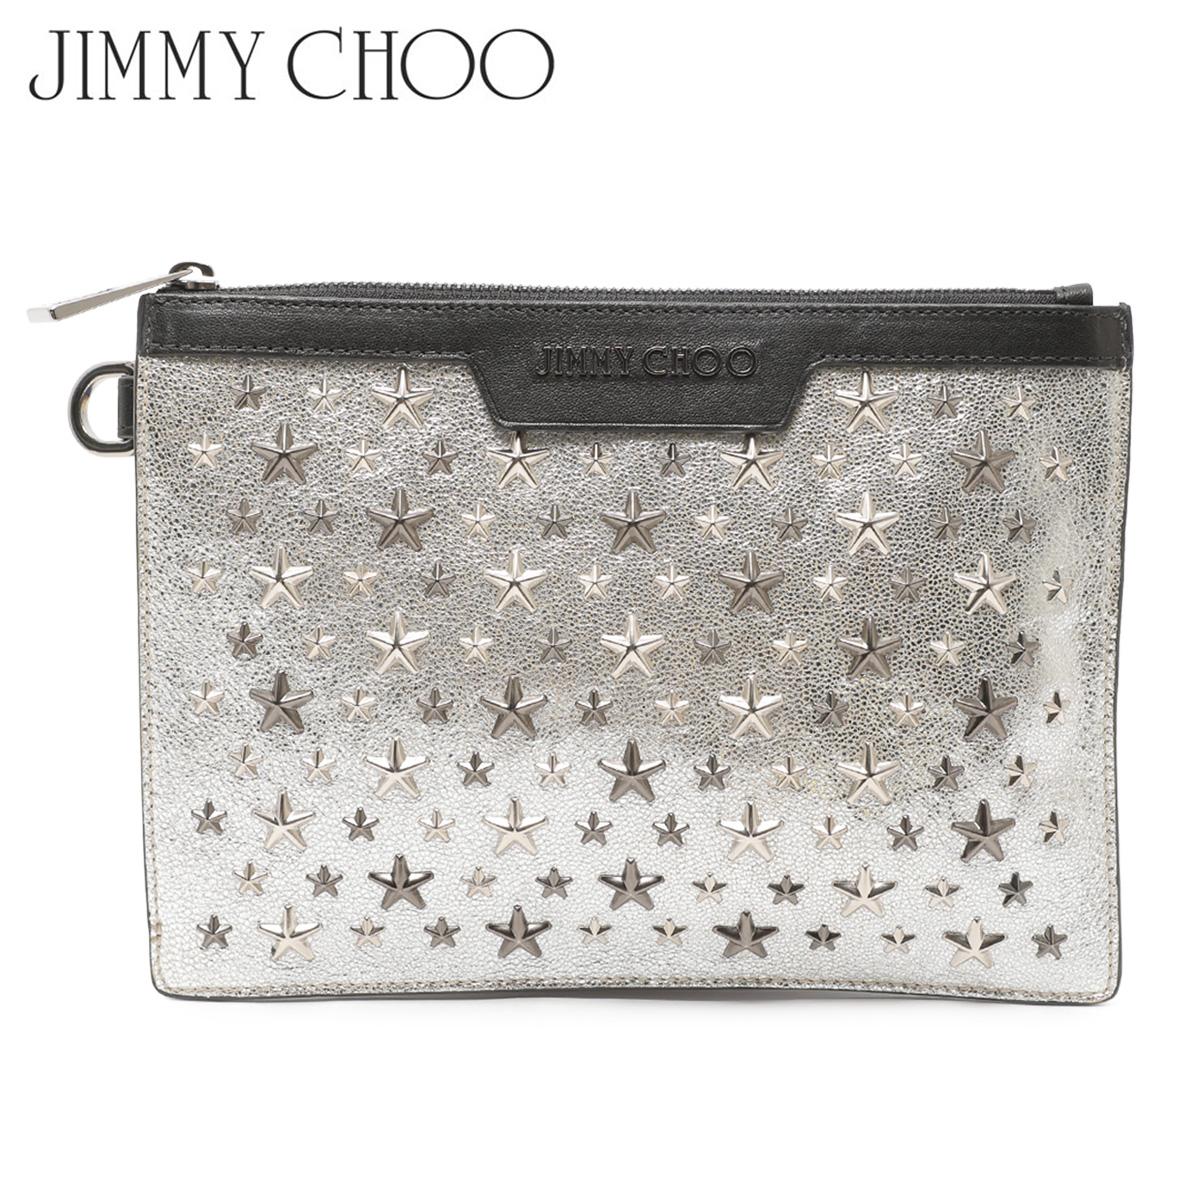 【訳あり】 JIMMY CHOO ジミーチュウ バッグ クラッチバッグ レディース CLUTCH BAG シルバー 16597-12 【返品不可】